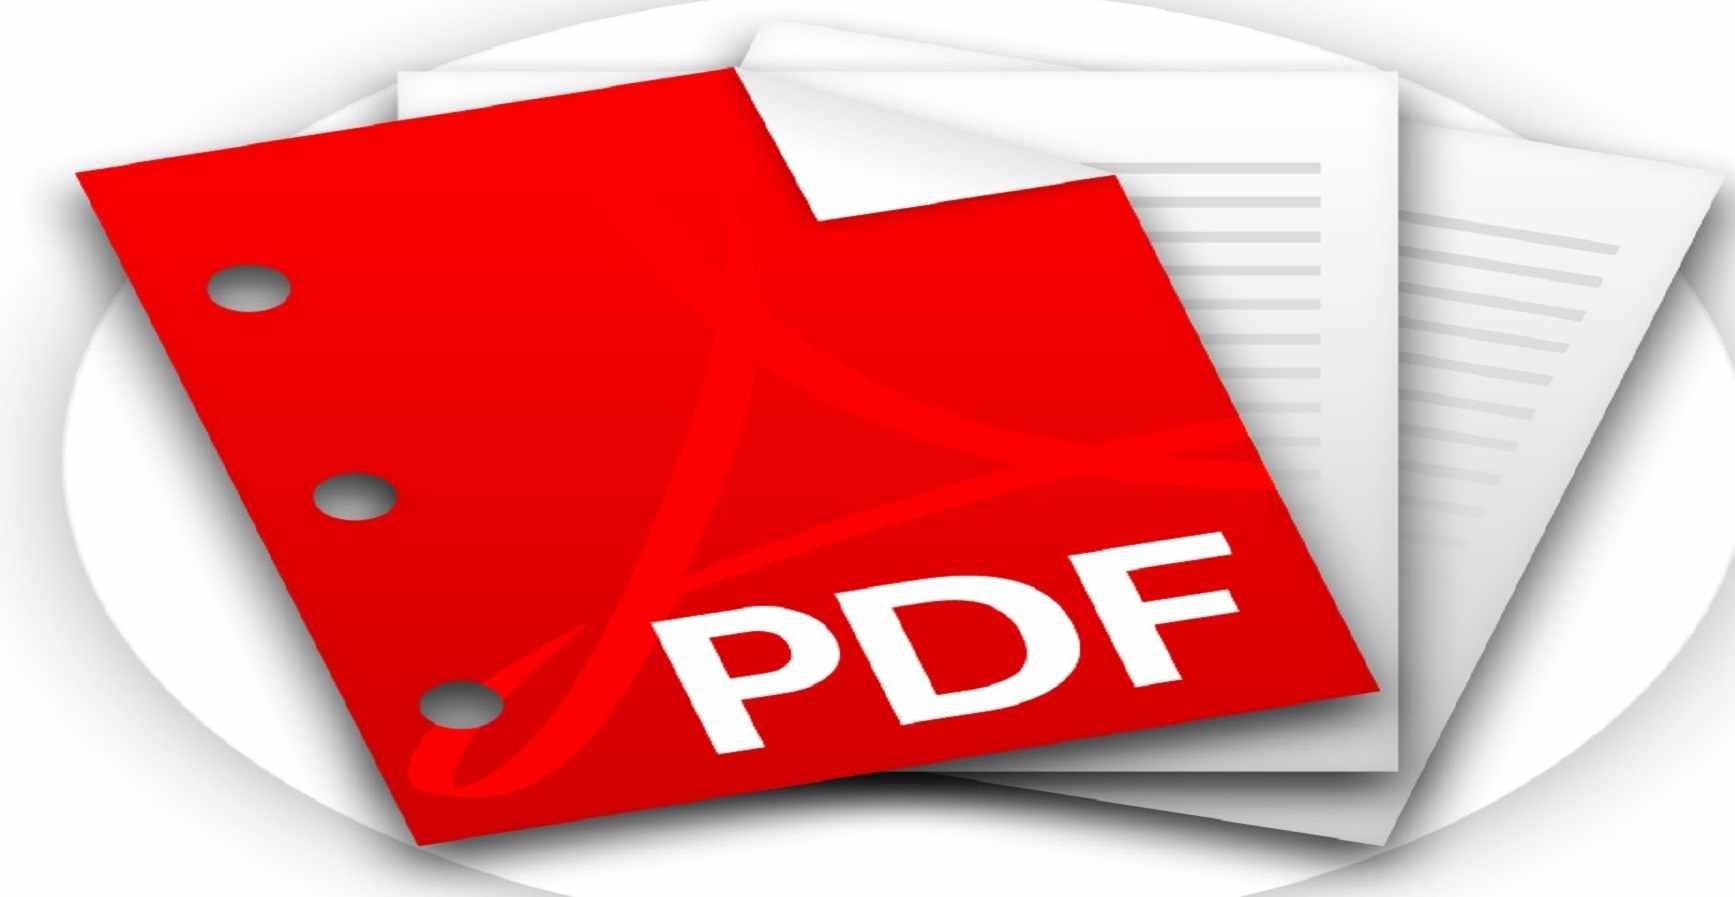 Редактор pdf - ТОП-5 лучших редакторов PDF в 2021 году